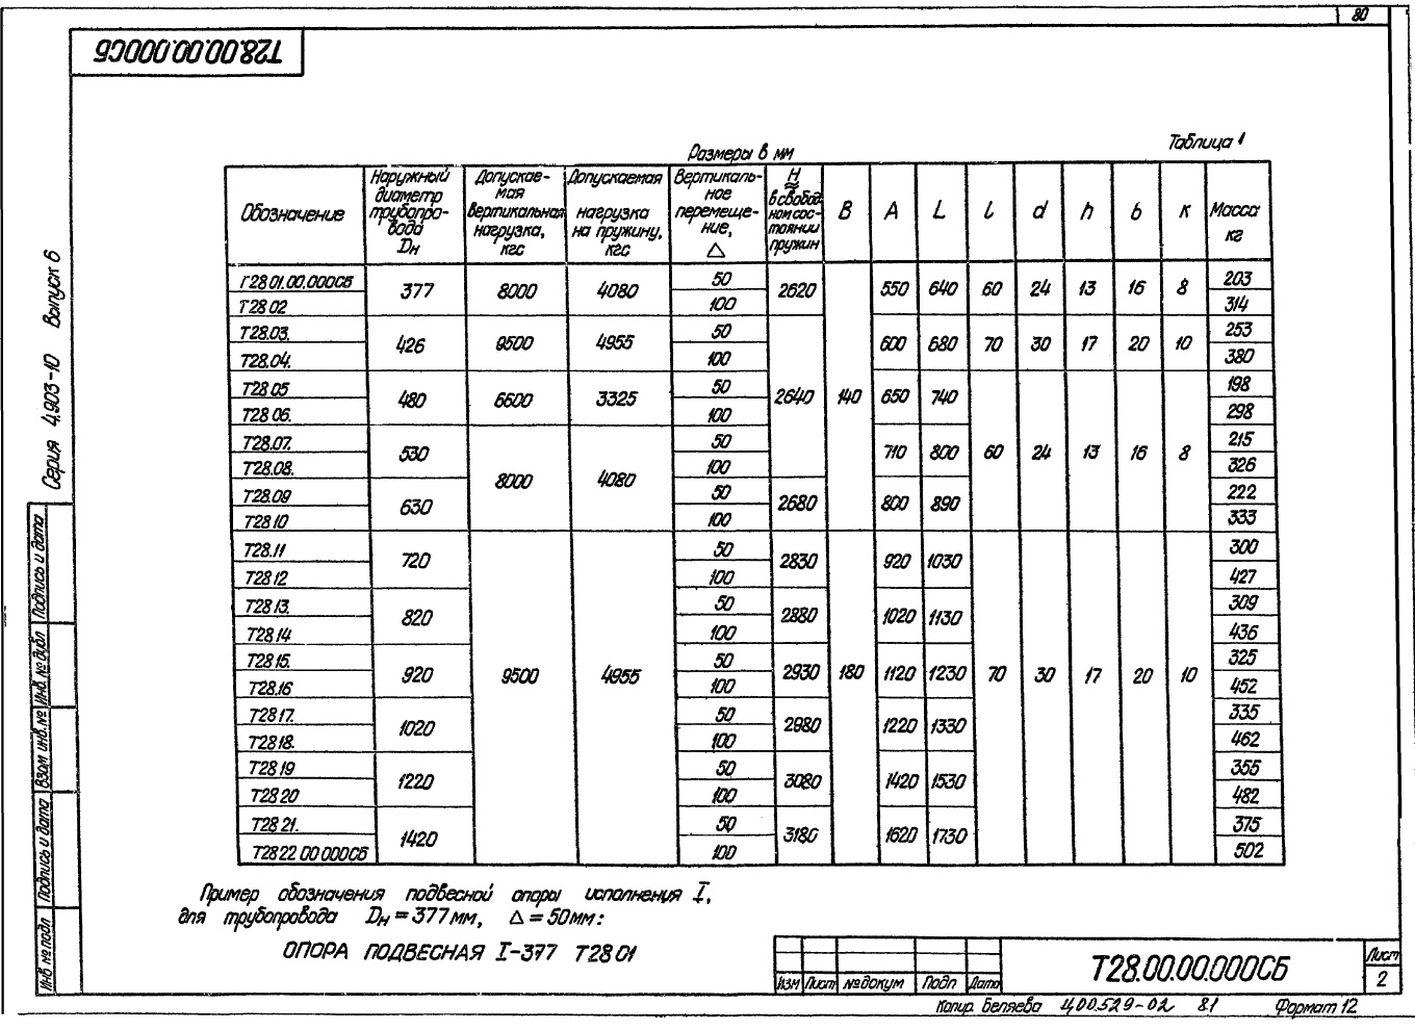 Опоры подвесные пружинные Т28 с.4.903-10 вып.6 стр.2